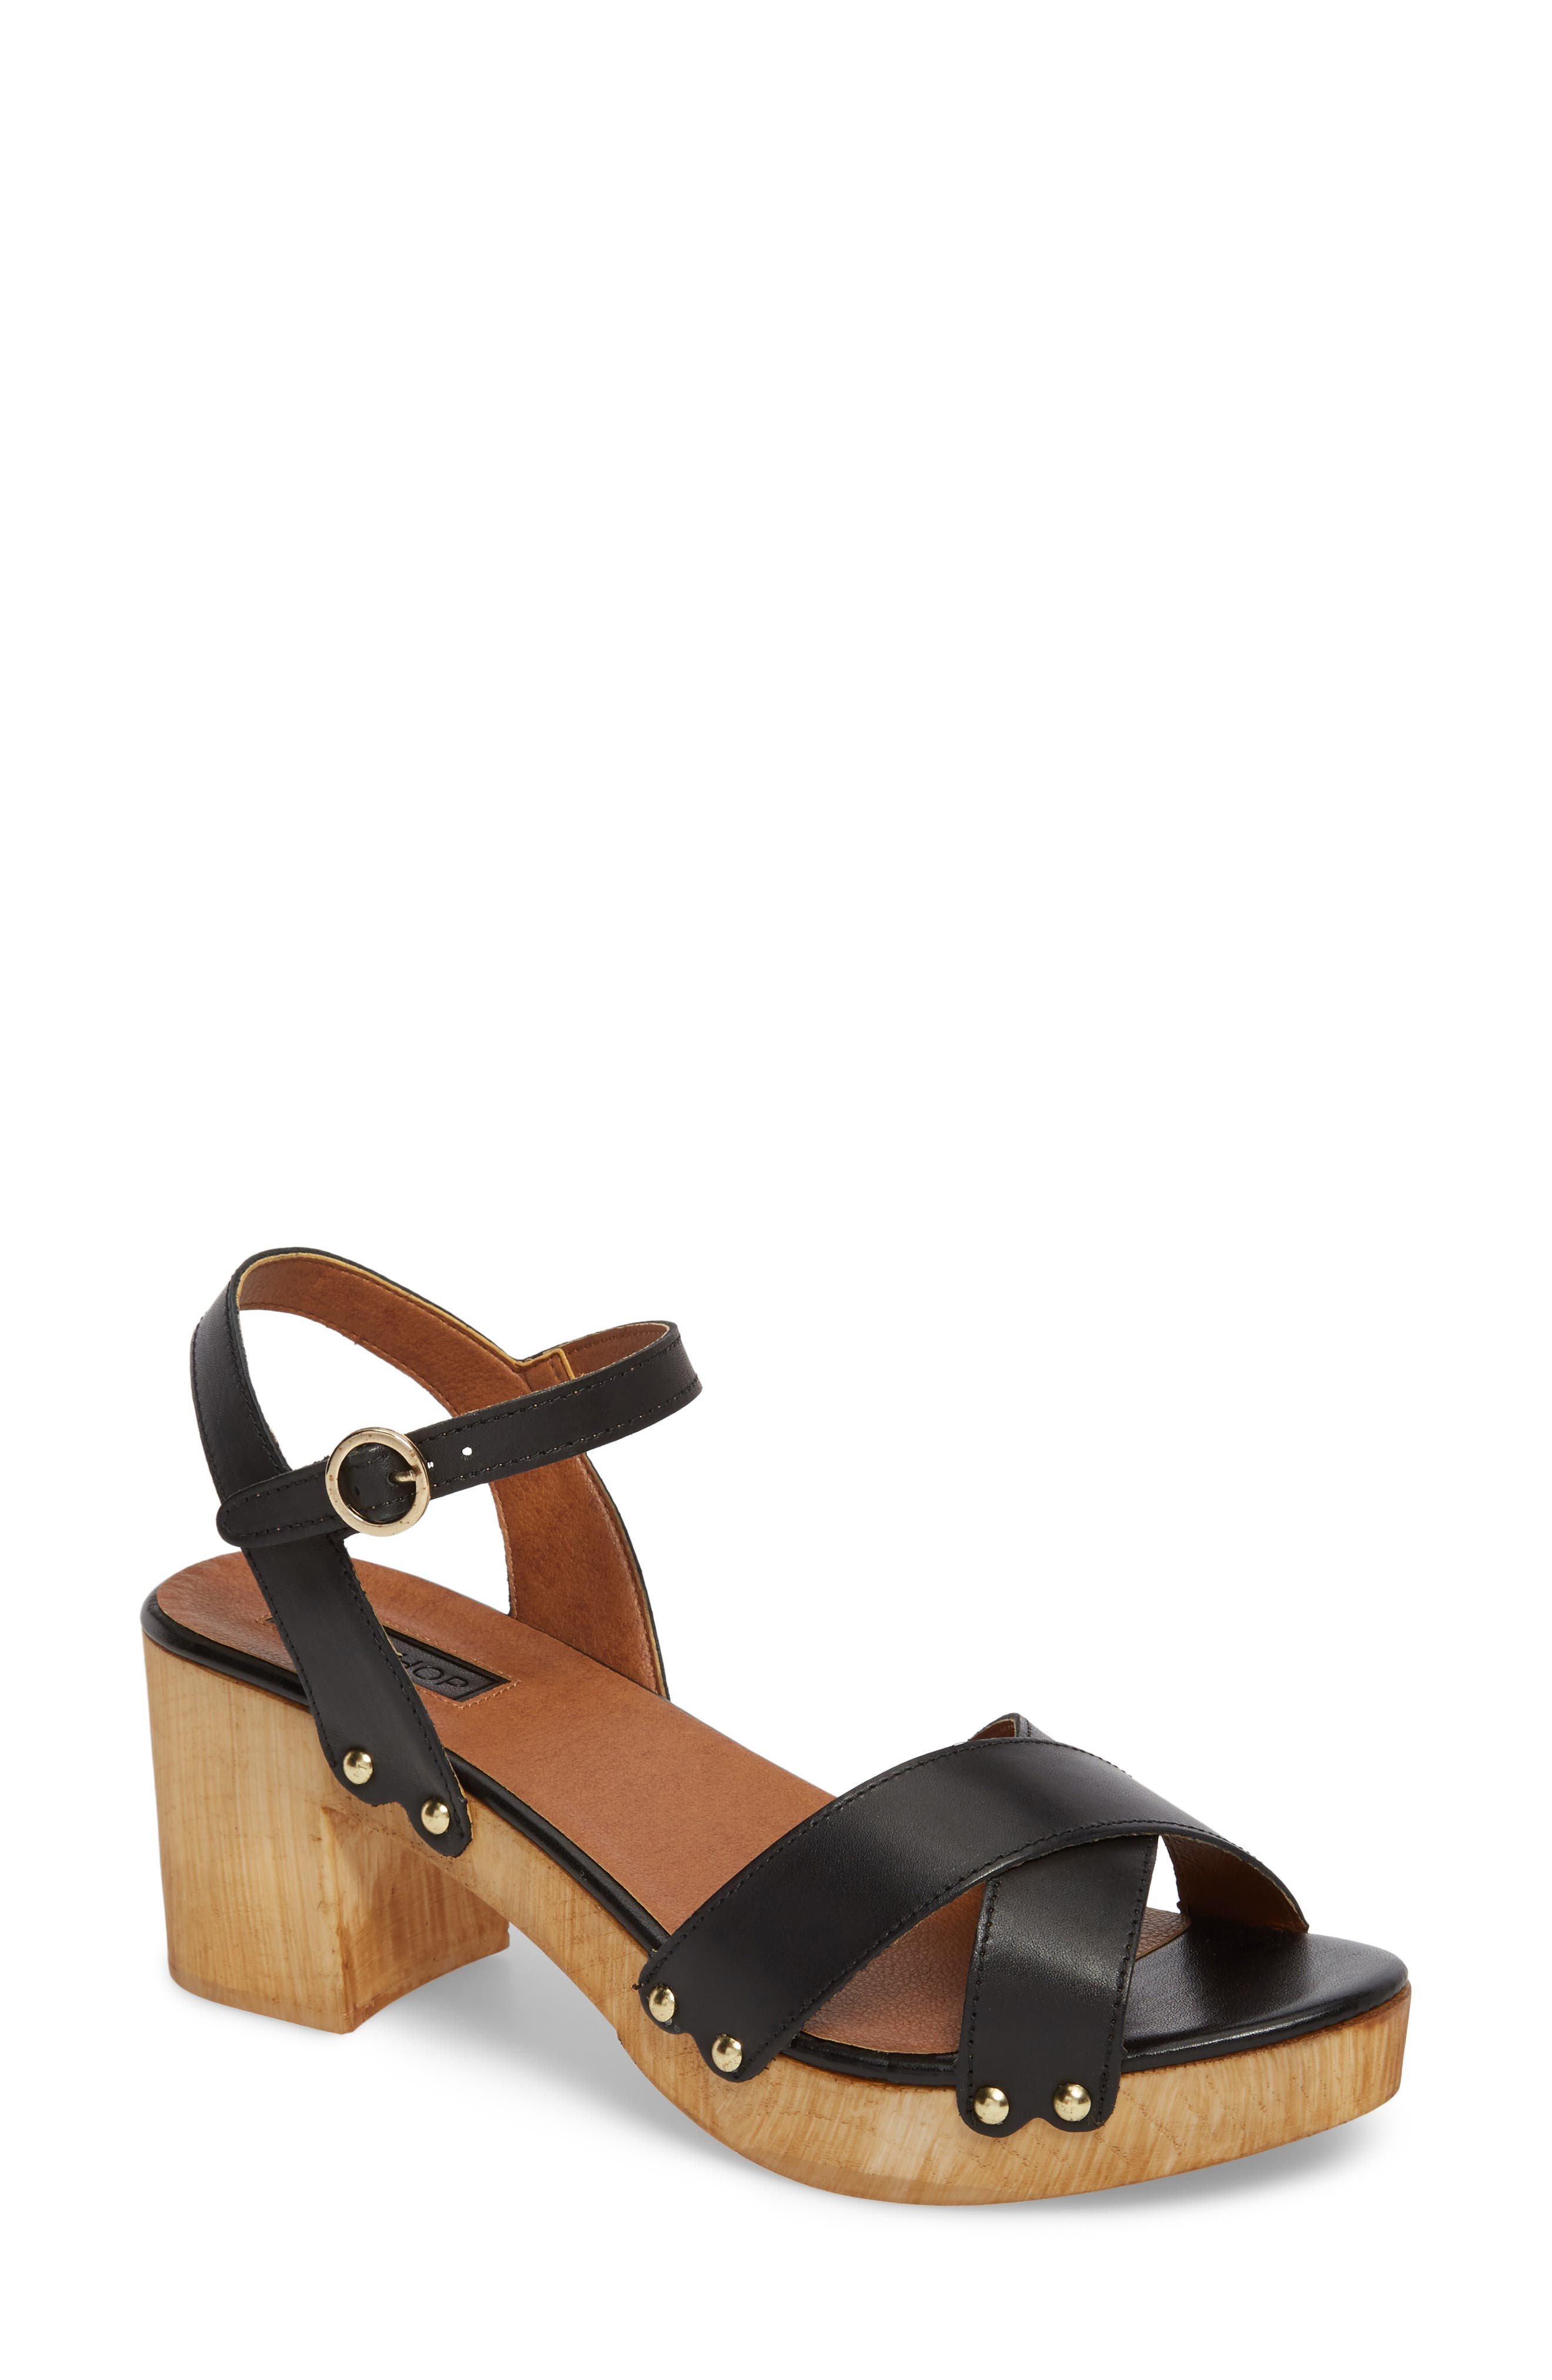 Alternate Image 1 Selected - Topshop Valerie Platform Sandal (Women)